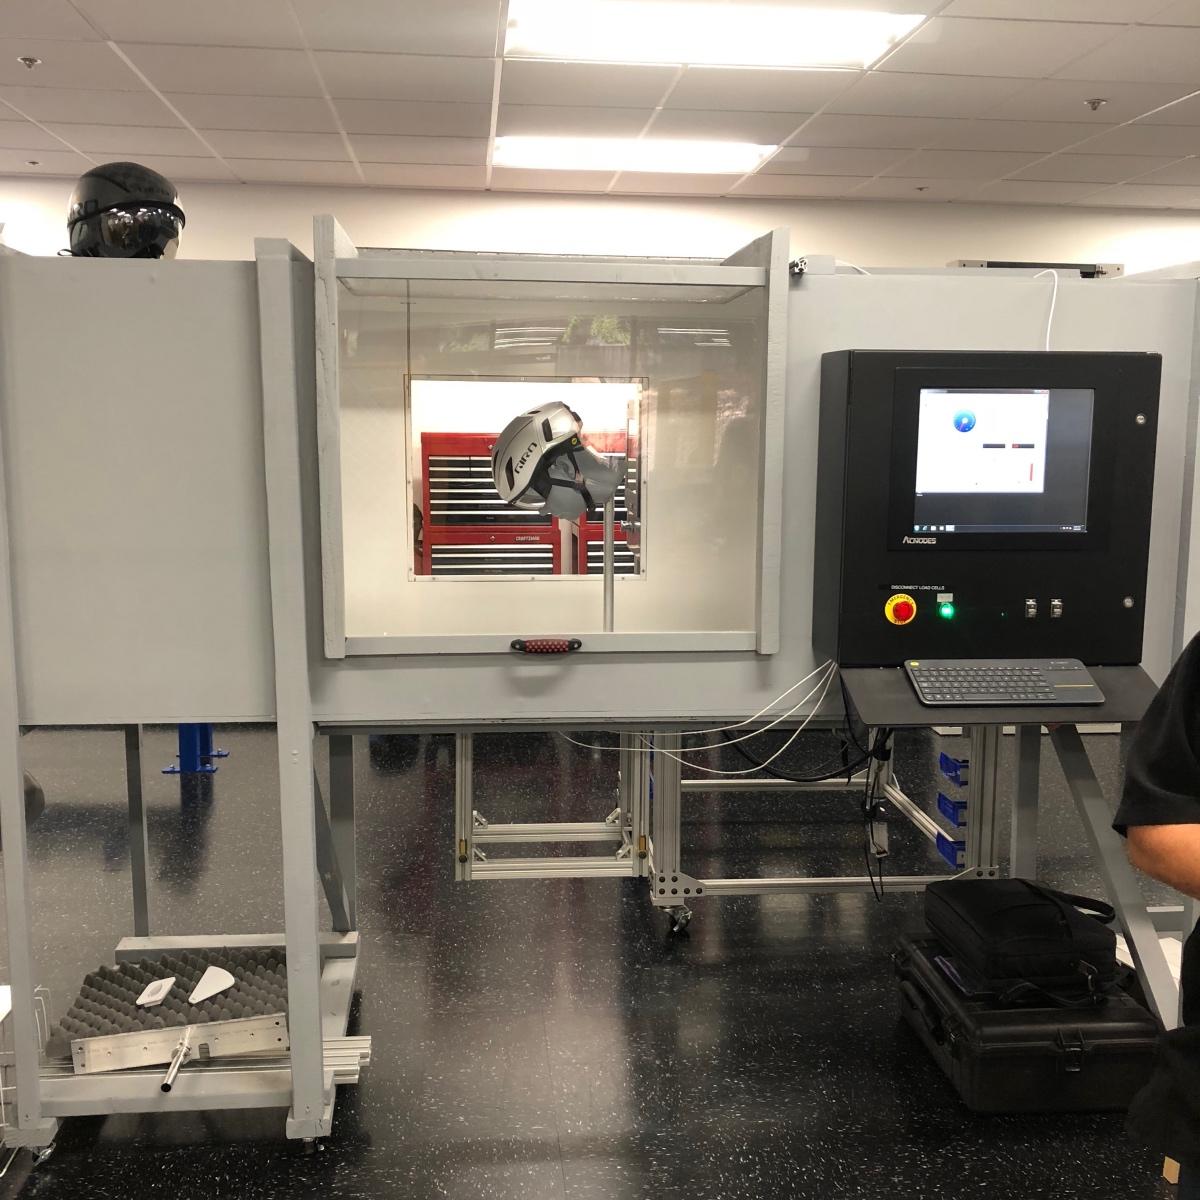 Airflow testing at Giro HQ.